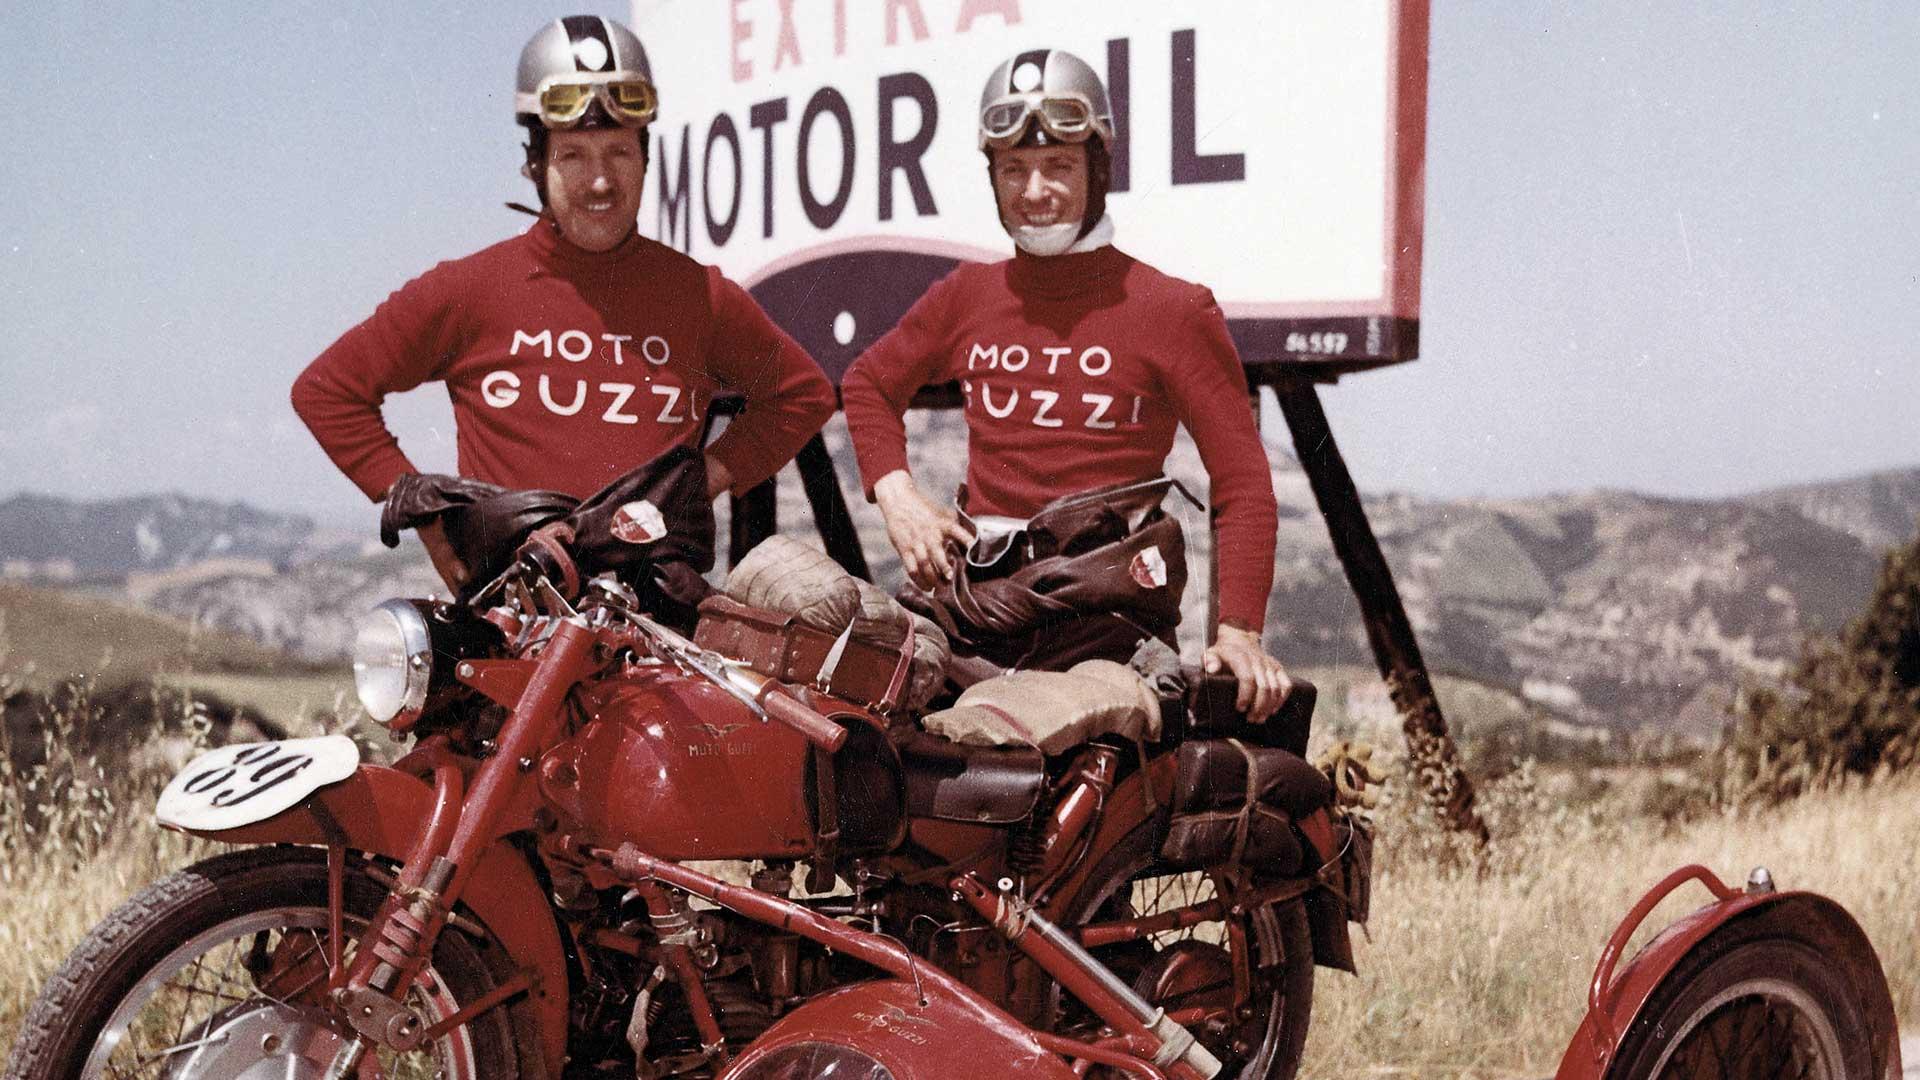 Moto Guzzi 100 anni di storia motociclistica